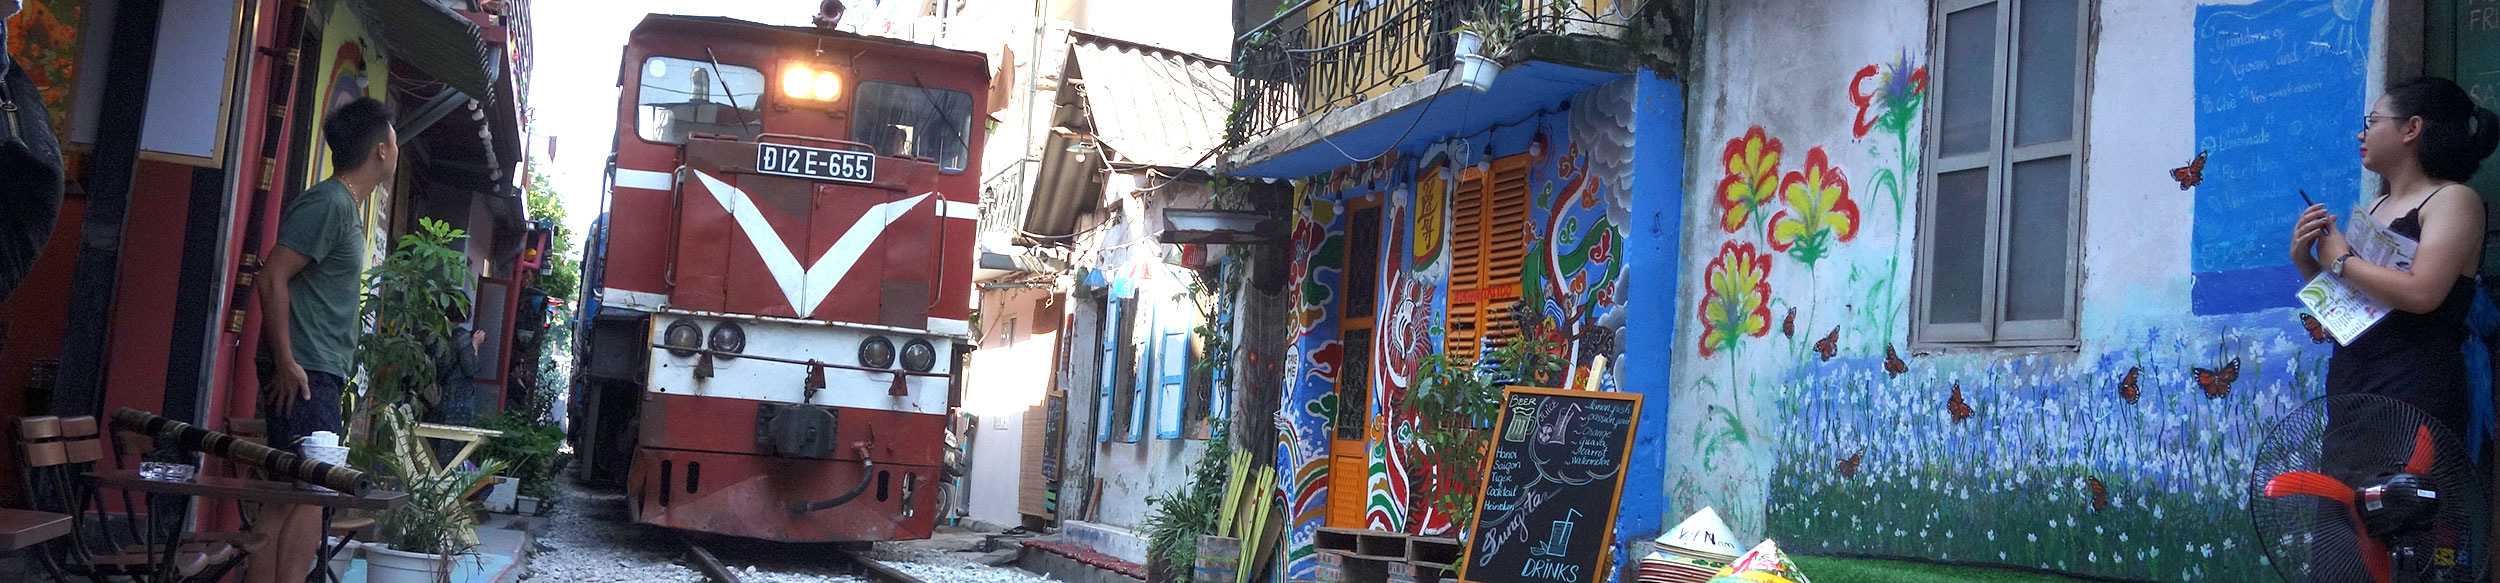 La rue du train de Hanoi